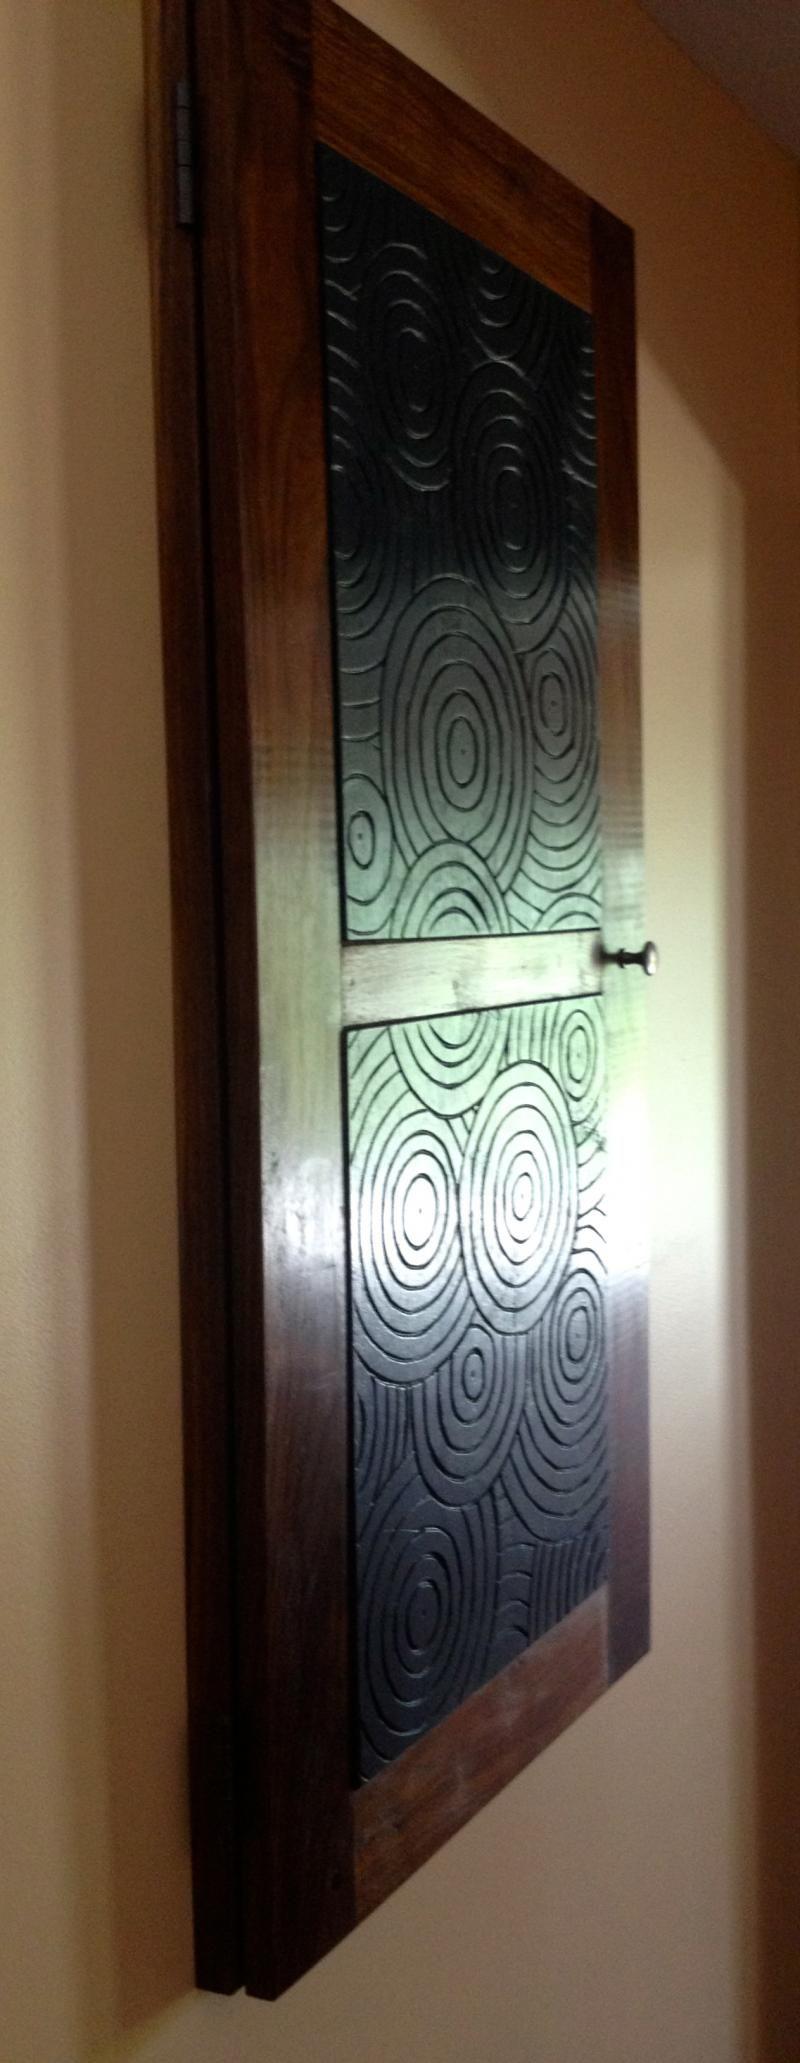 hight resolution of andrew gore woodworks custom work cover for breaker box fuse panel breaker box